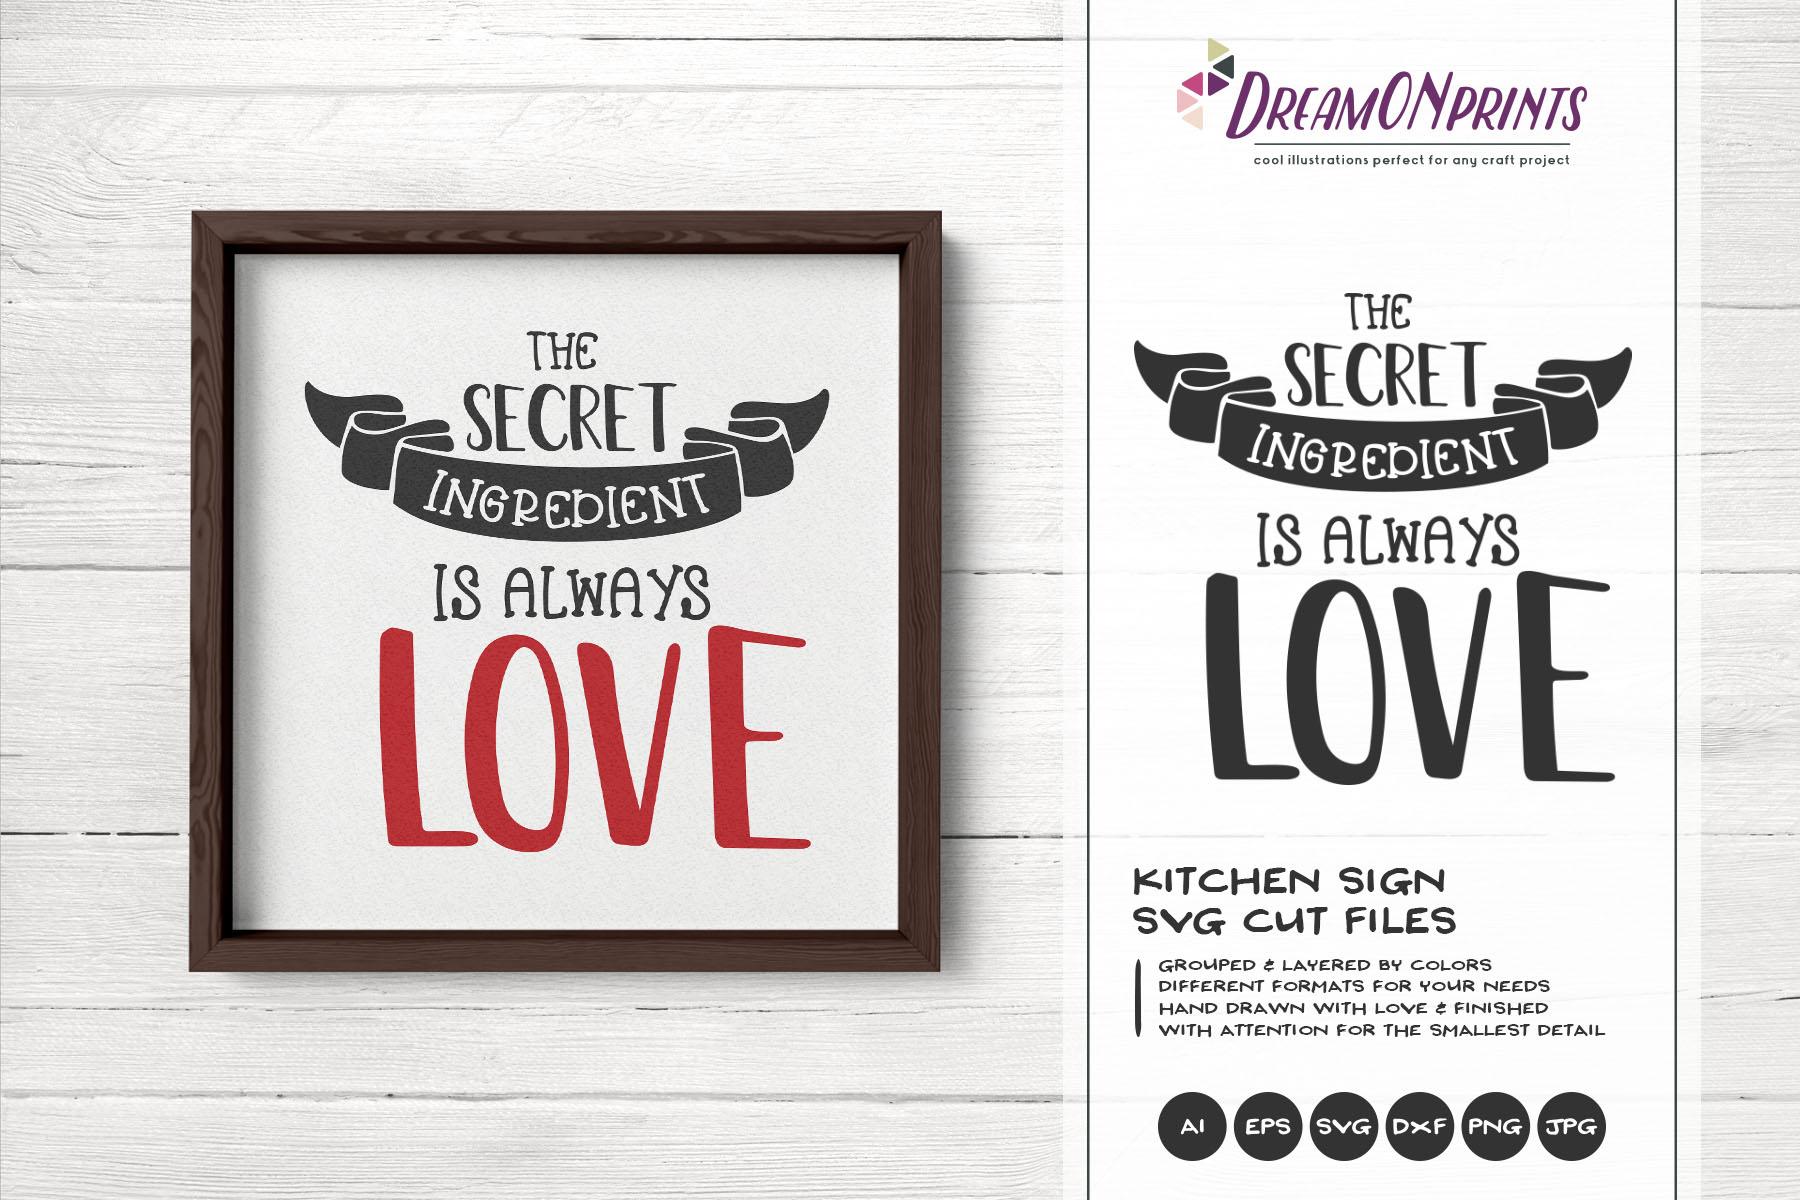 Secret Ingredient is Love | Kitchen Sign SVG | Sign Making example image 2